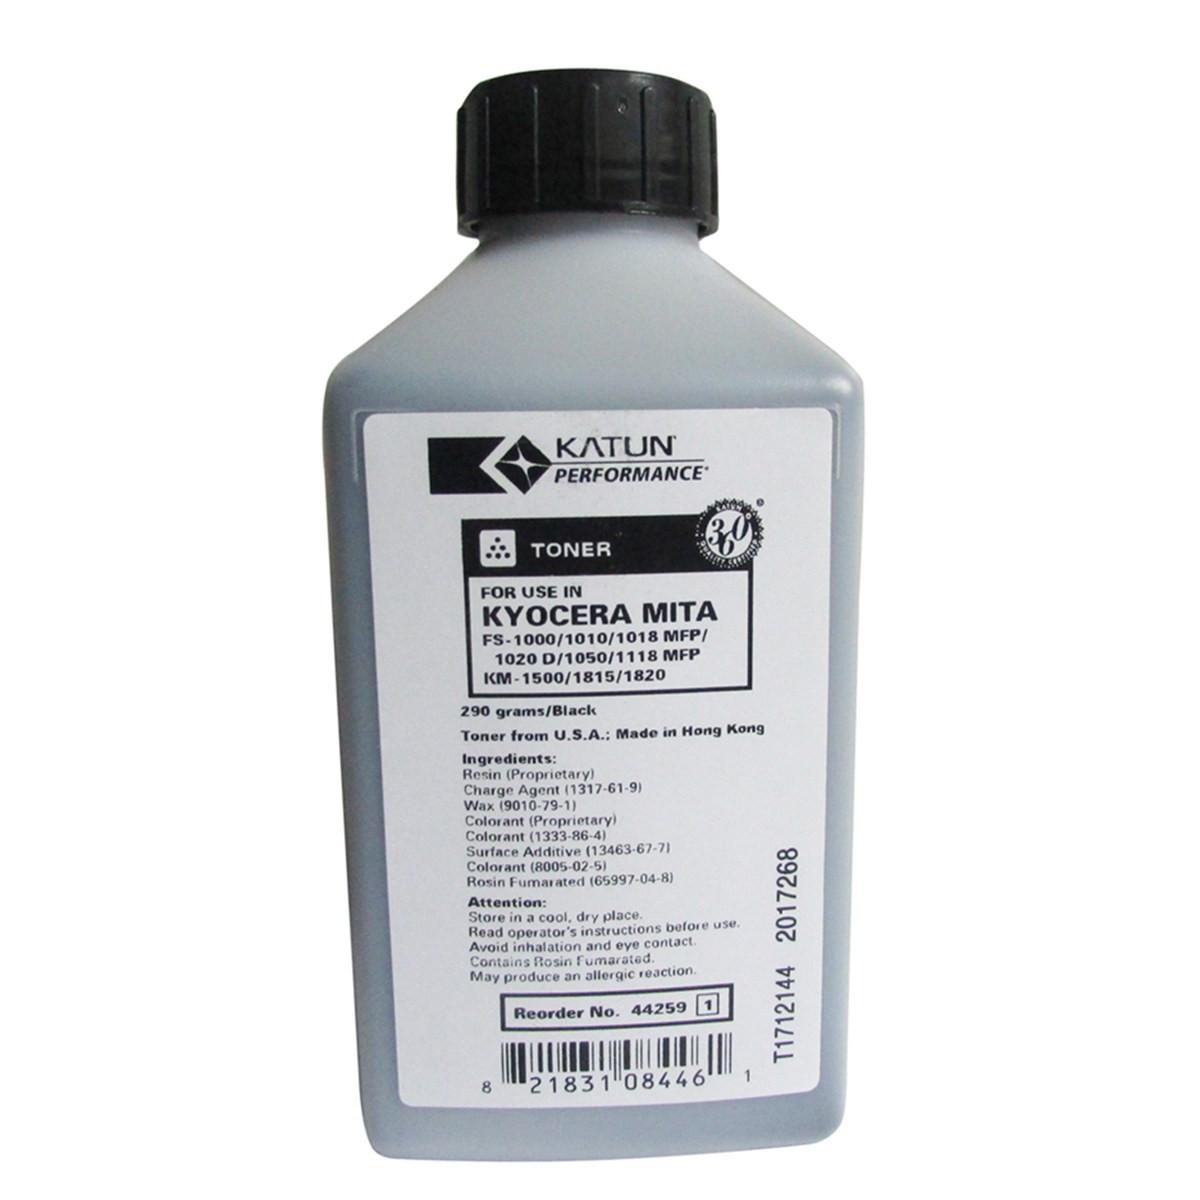 Toner Refil Kyocera Mita TK20 TK100 | FS1000 FS1010 FS1020D KM1820 FS1050 | Katun Performance 290g